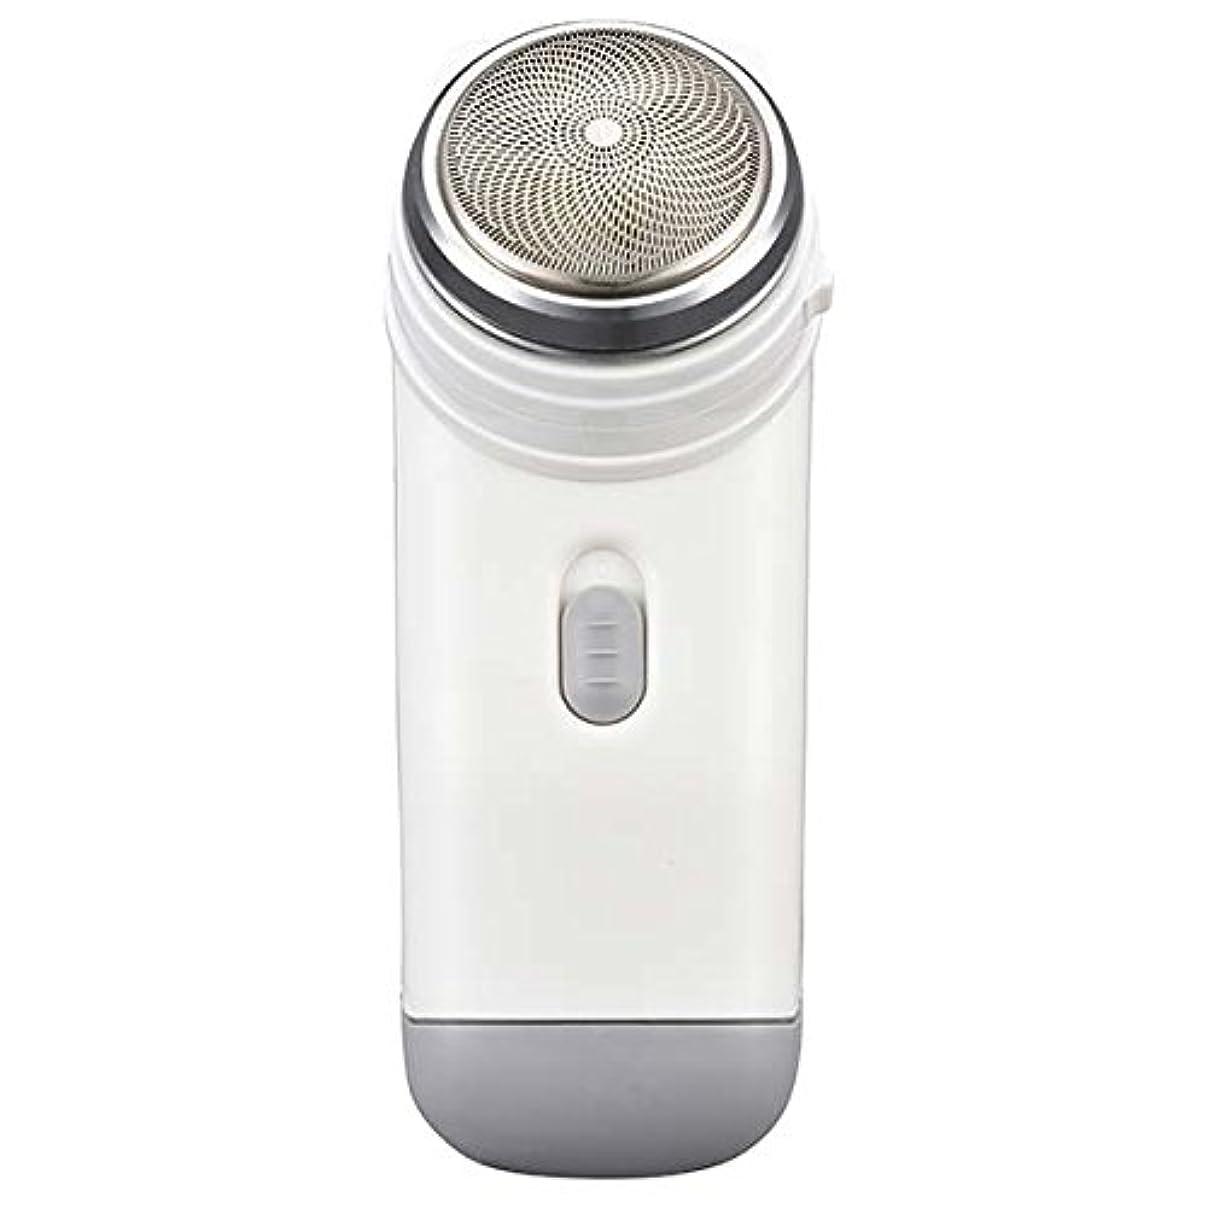 シェーバー ポケットシェーバー 携帯便利 静音回転式 電池式 メンズ もみあげ対応 回転式ポケットシェーバー キワゾリ刃付き 高性能シェーバー 髭剃り ひげそり 男性用 プレゼントにも最適